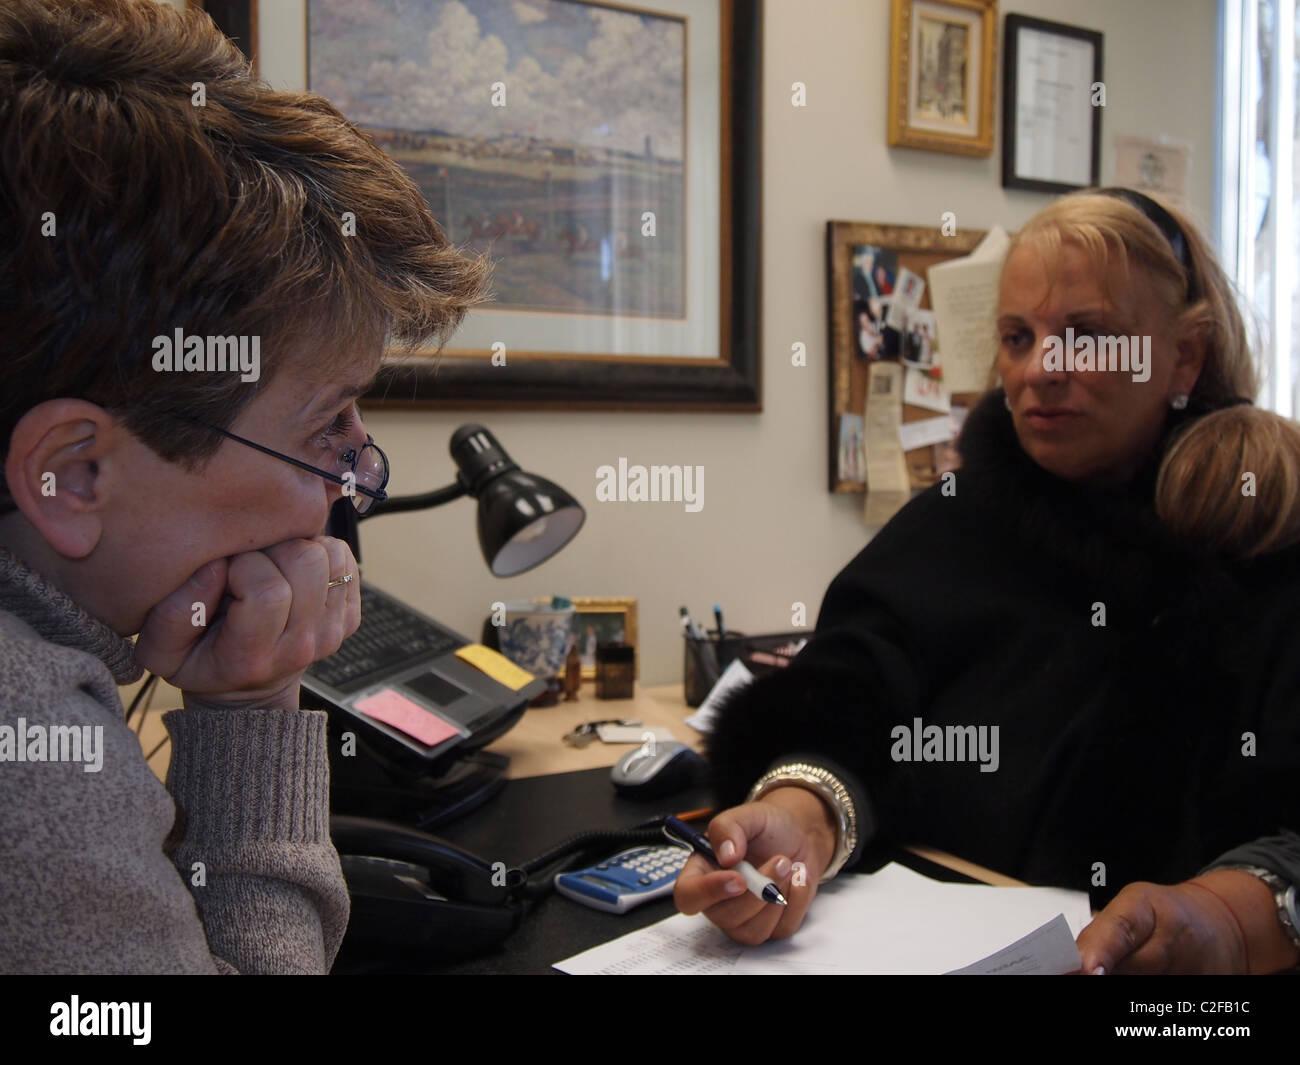 Frauen engagiert in Finanz- und Steuerplanung für Altersvorsorge, New York, USA, 26. März 2011, © Katharine Andriotis Stockfoto